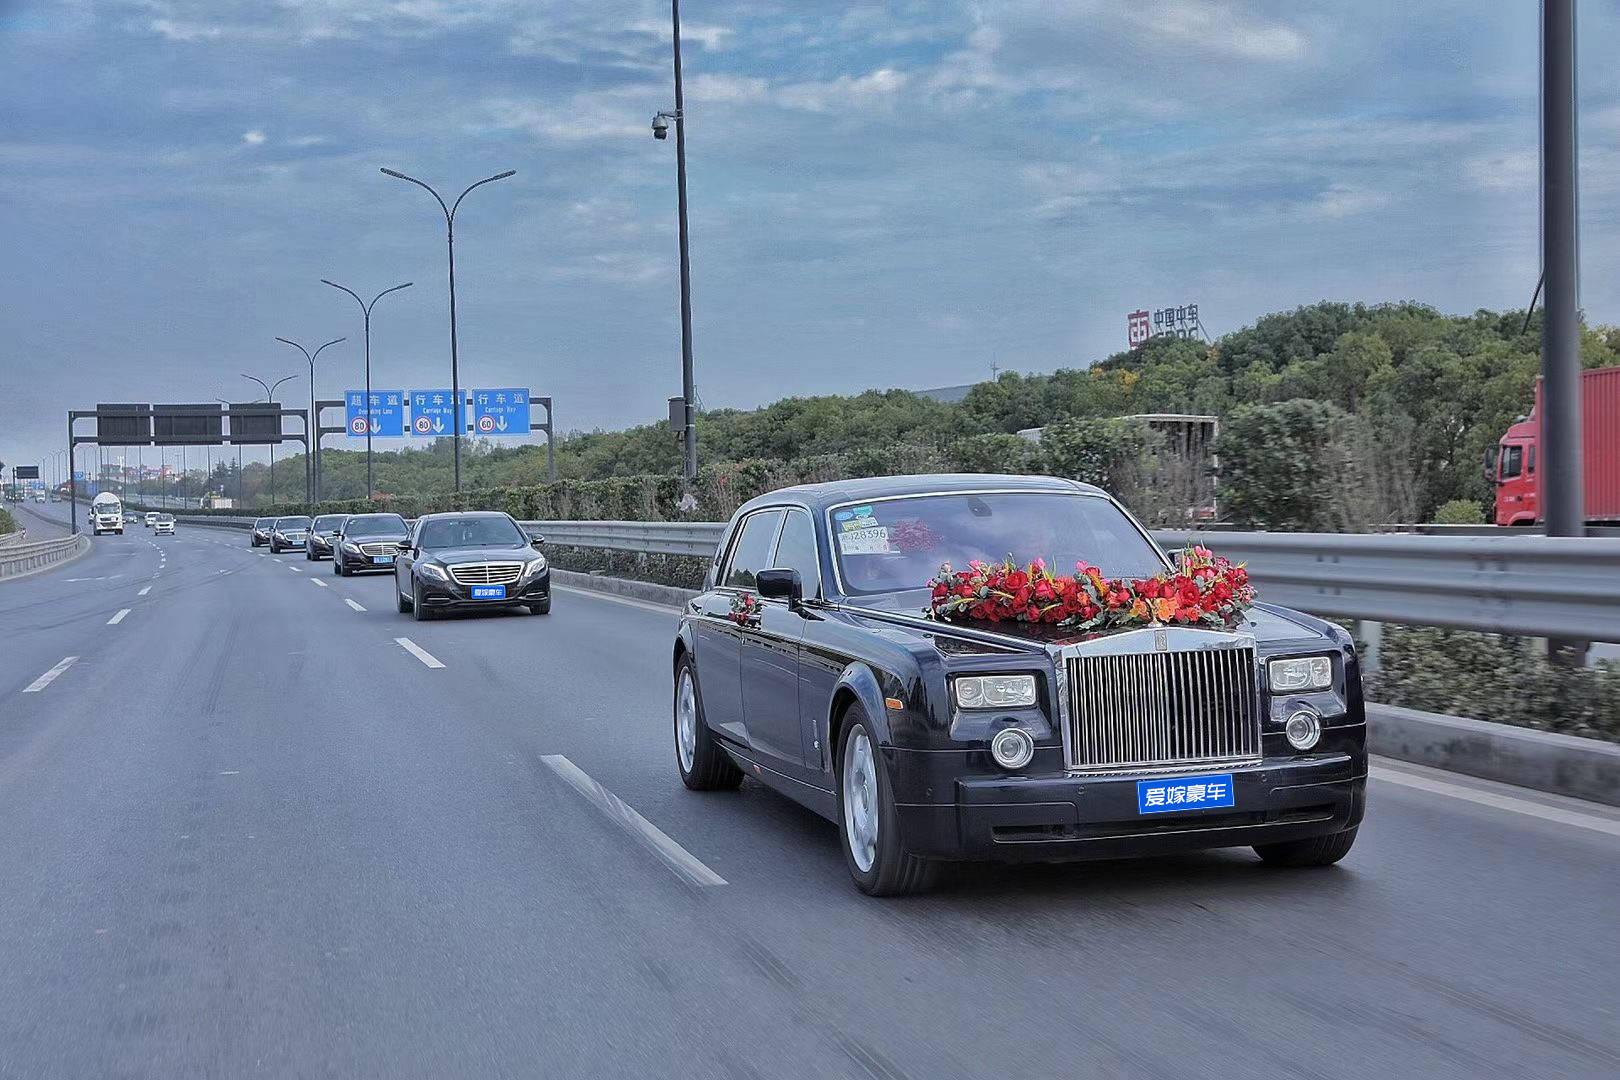 劳斯莱斯幻影适合做婚车吗?